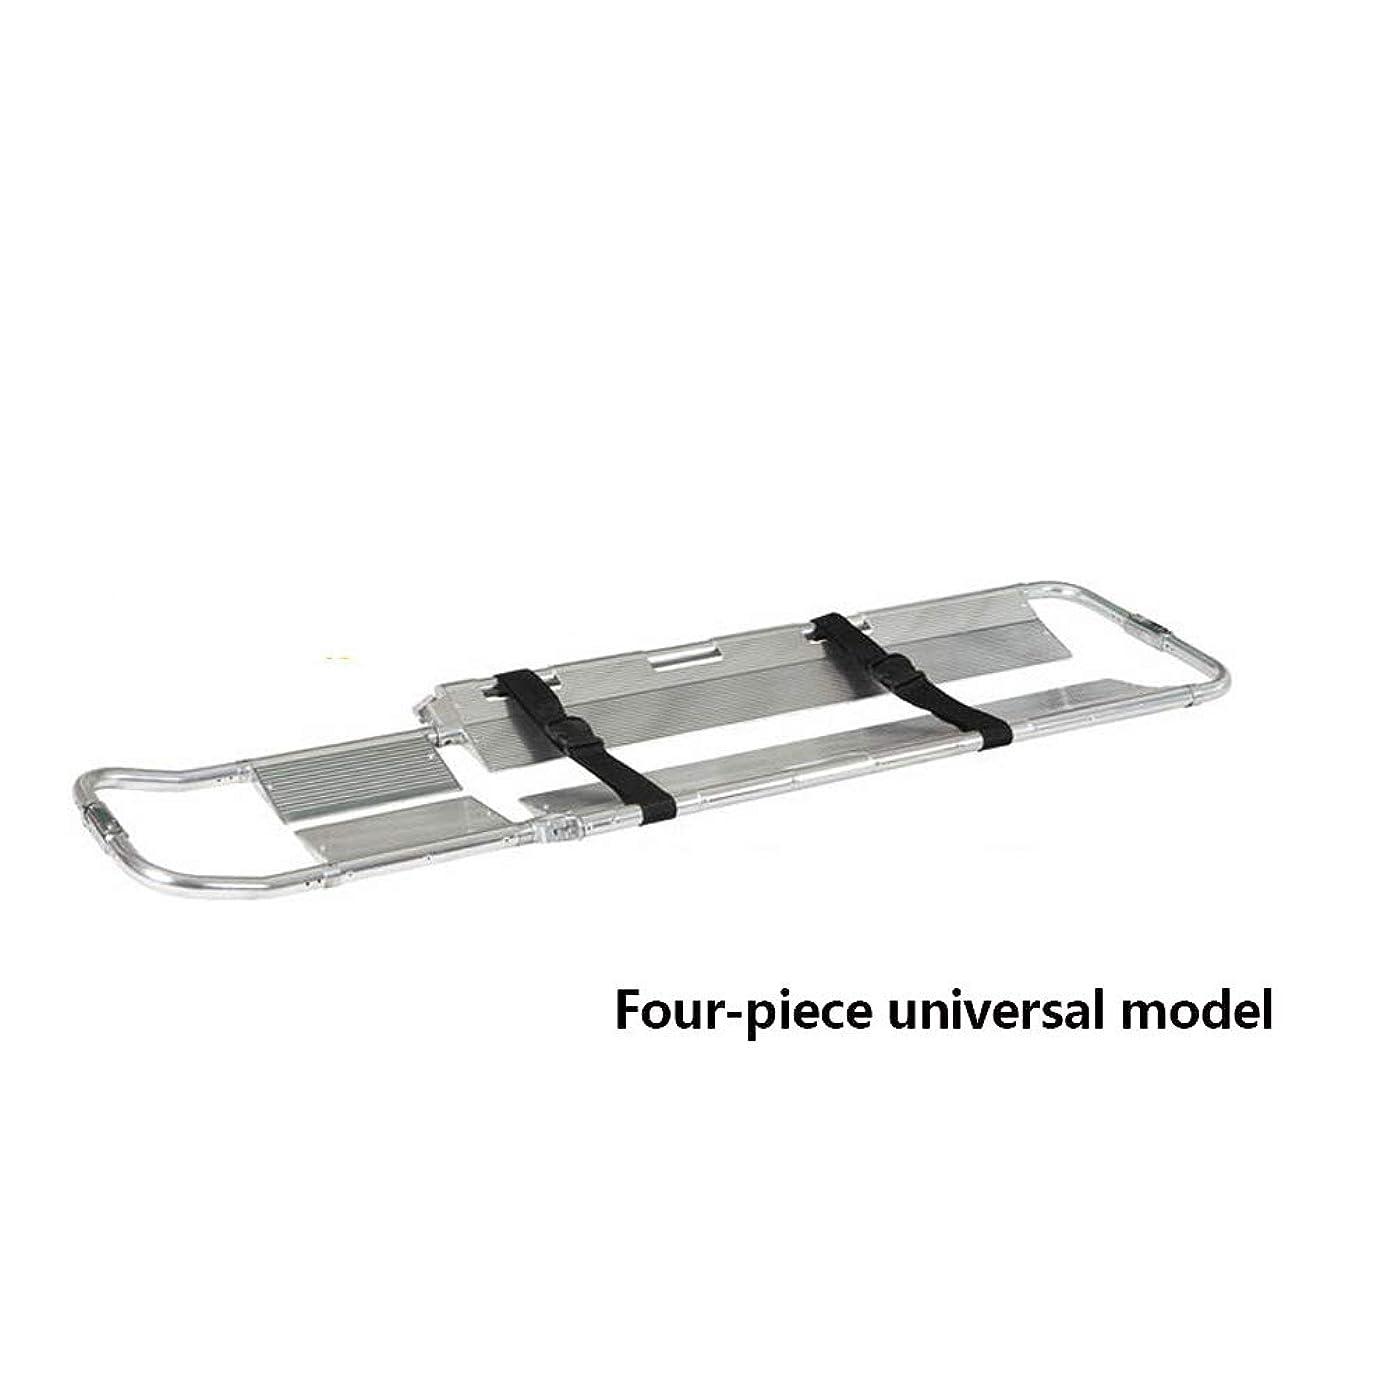 預言者ペルソナ定刻救急処置の伸張器、折るアルミニウムシャベルの伸張器,4piece